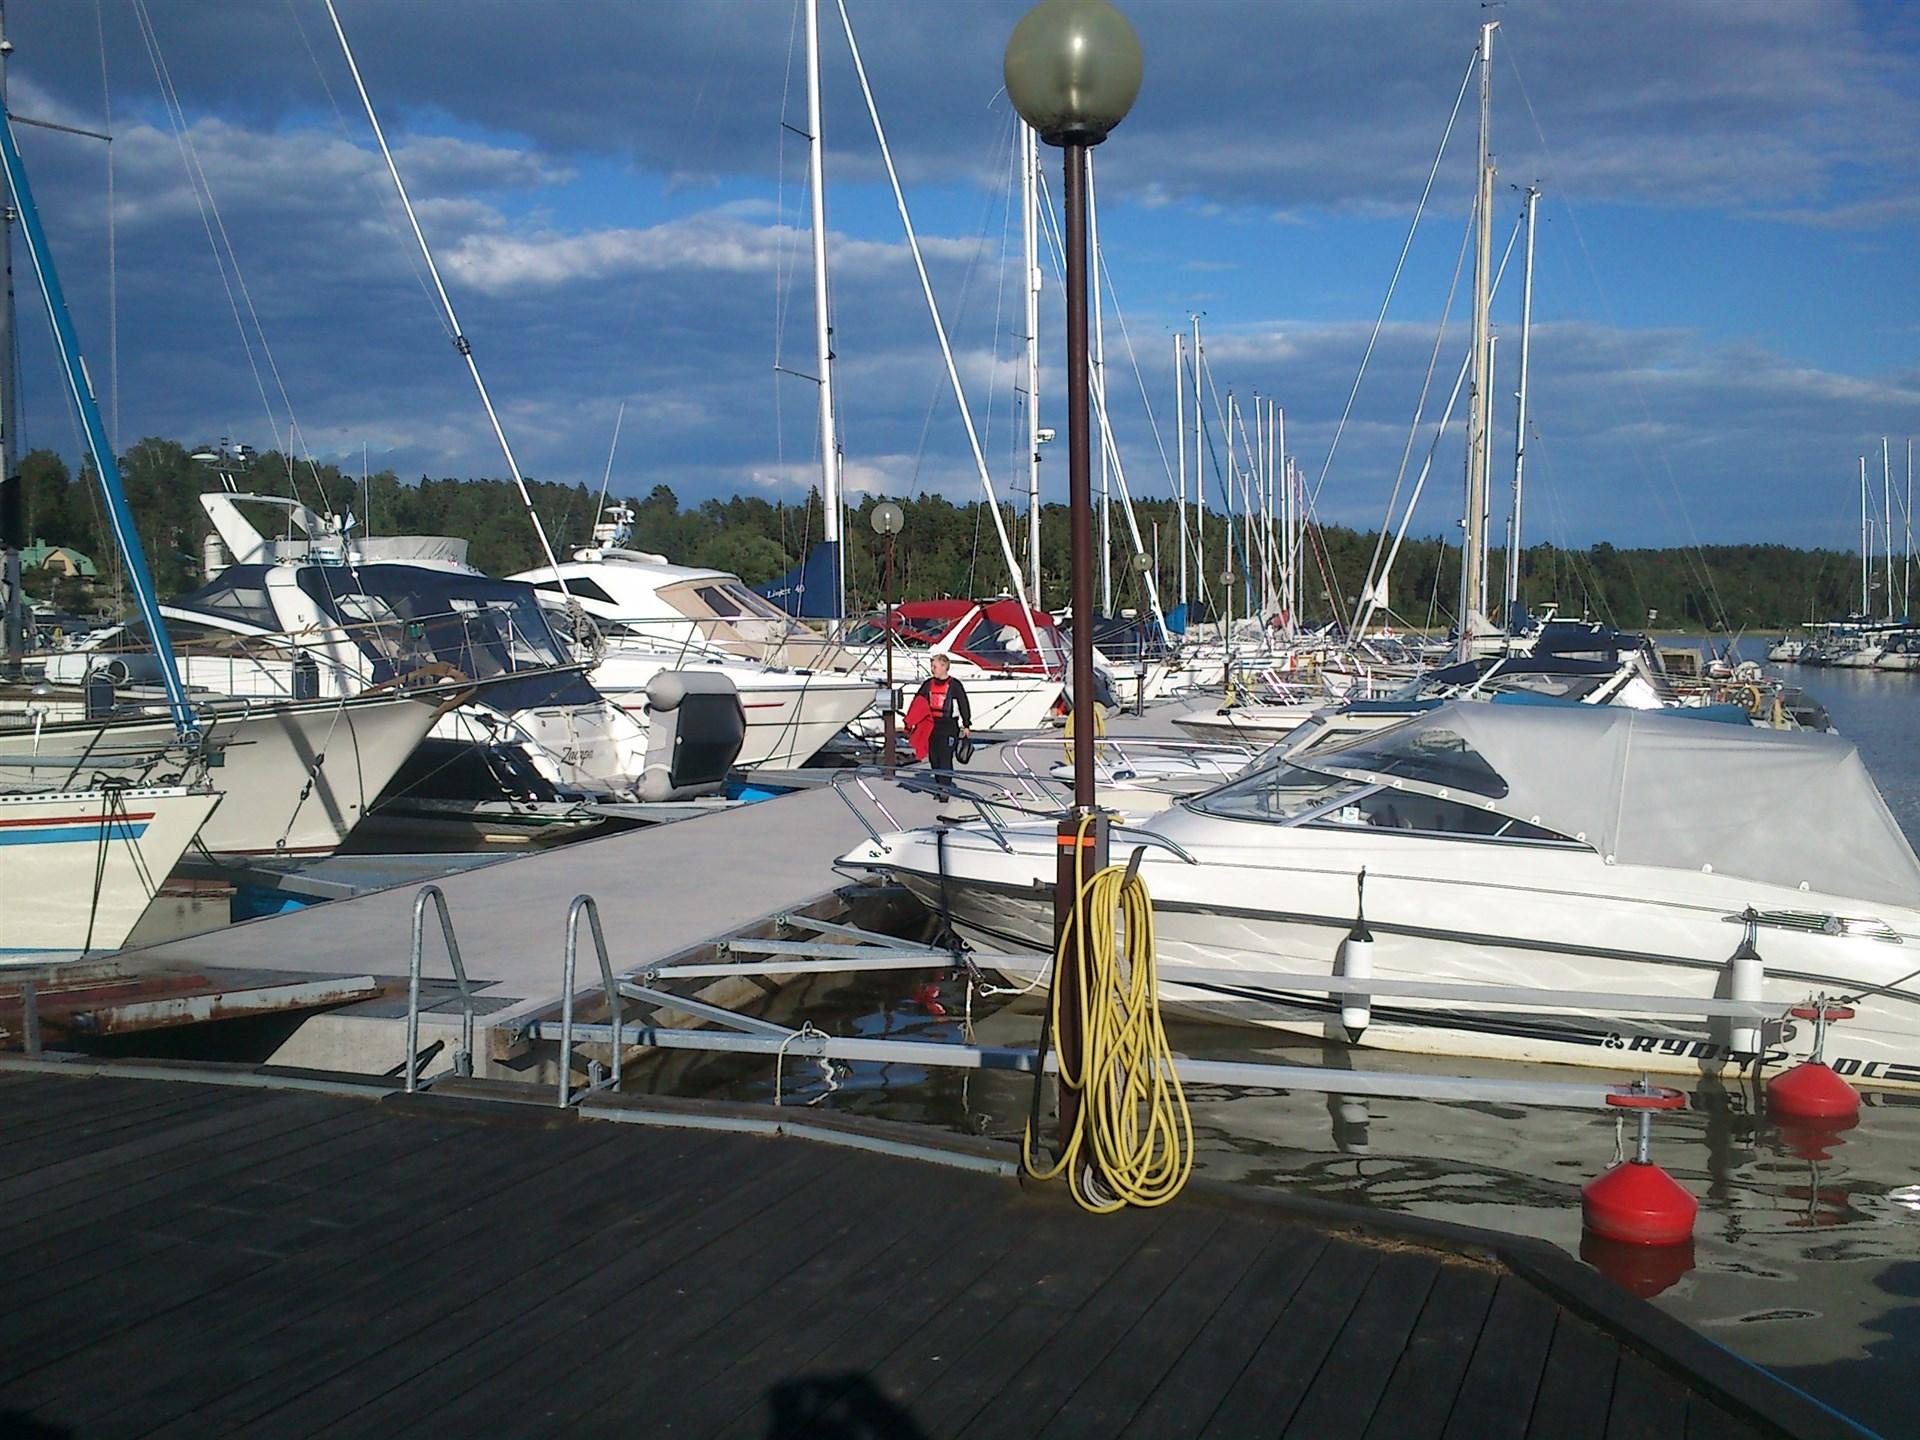 Flertal båtklubbar i närområdet. Här bild från Klubbholmen.